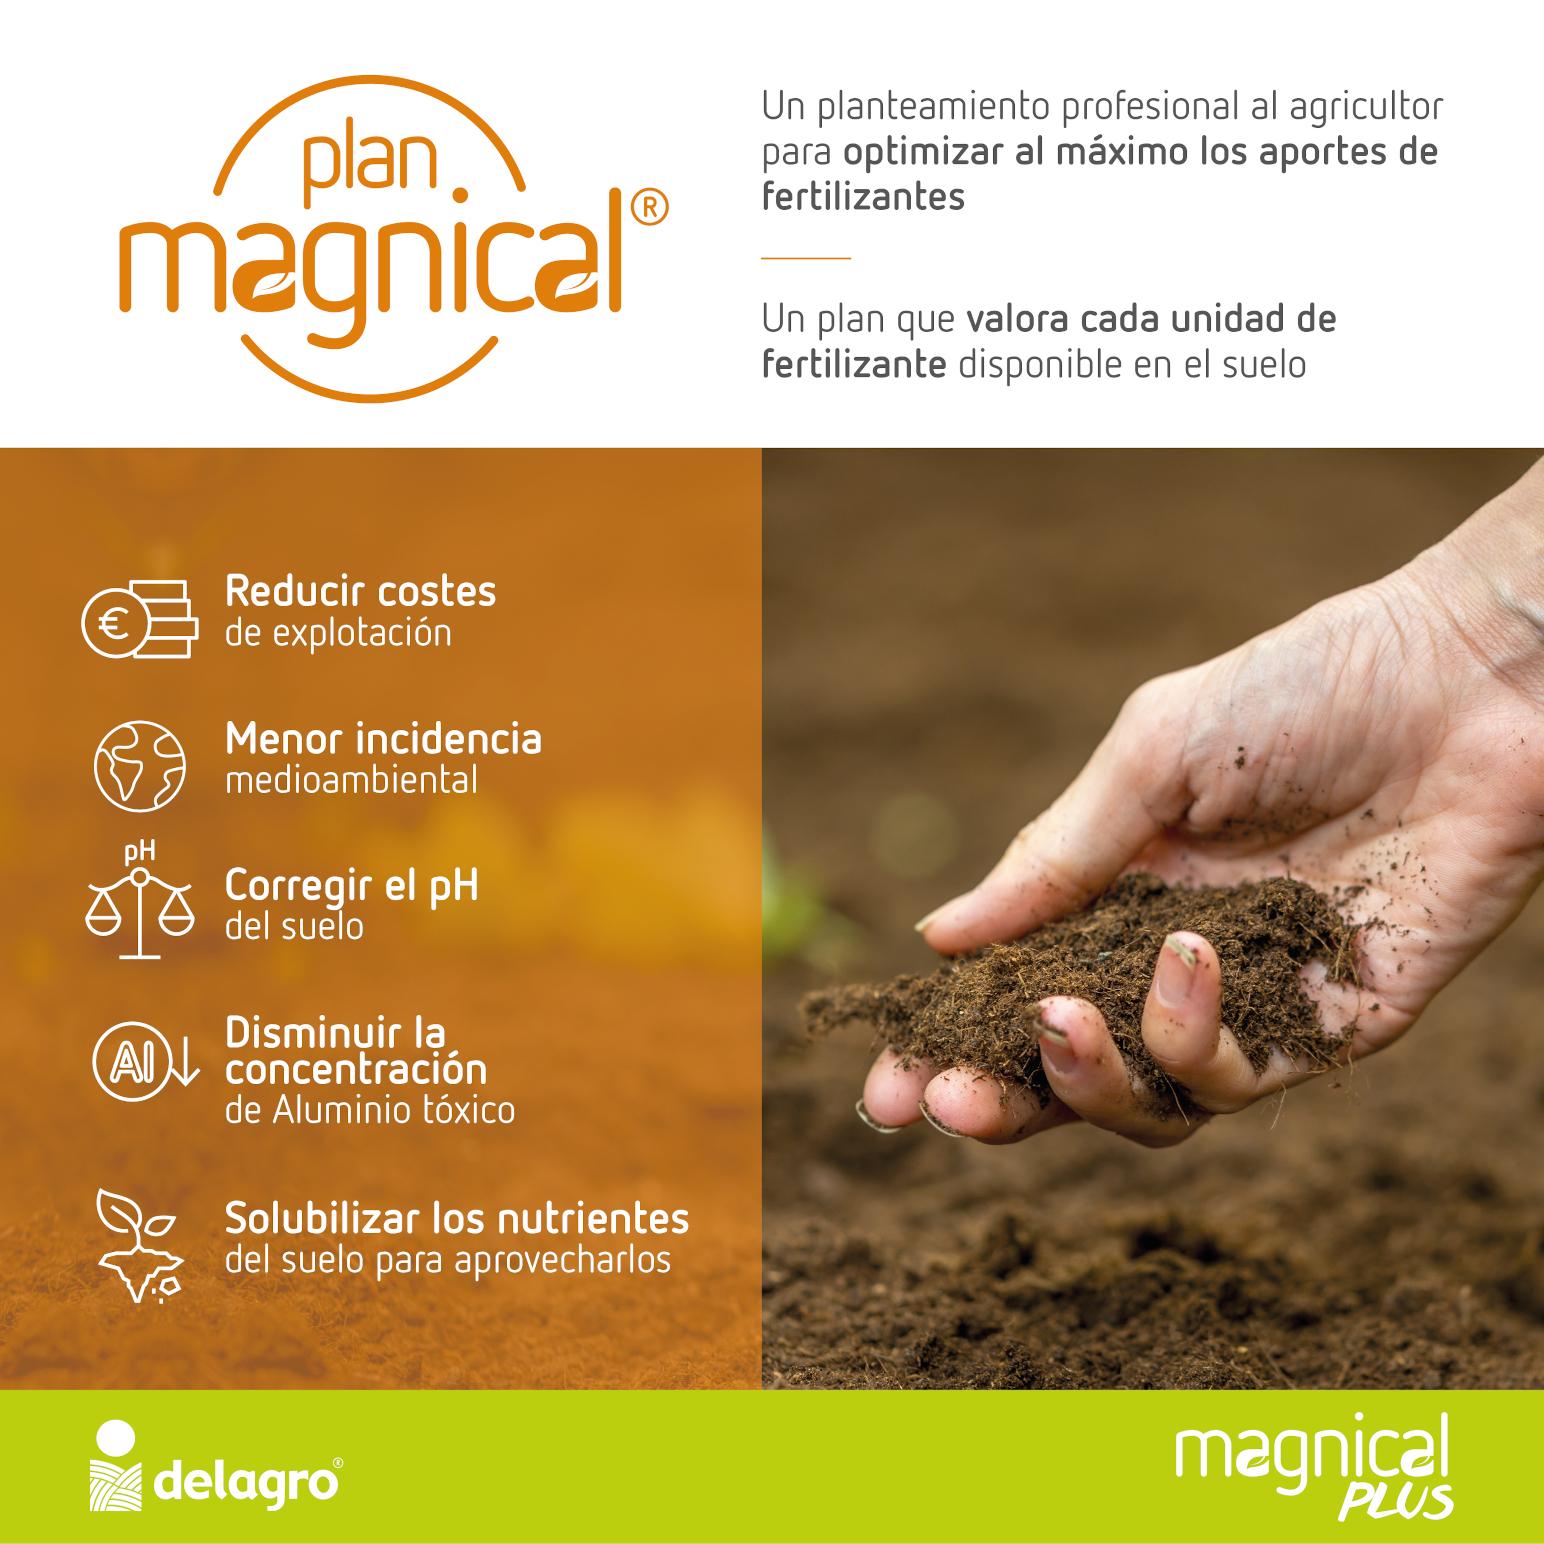 Delagro consigue la certificación ecológica de sus calizas magnesianas y lanza su Plan Magnical®